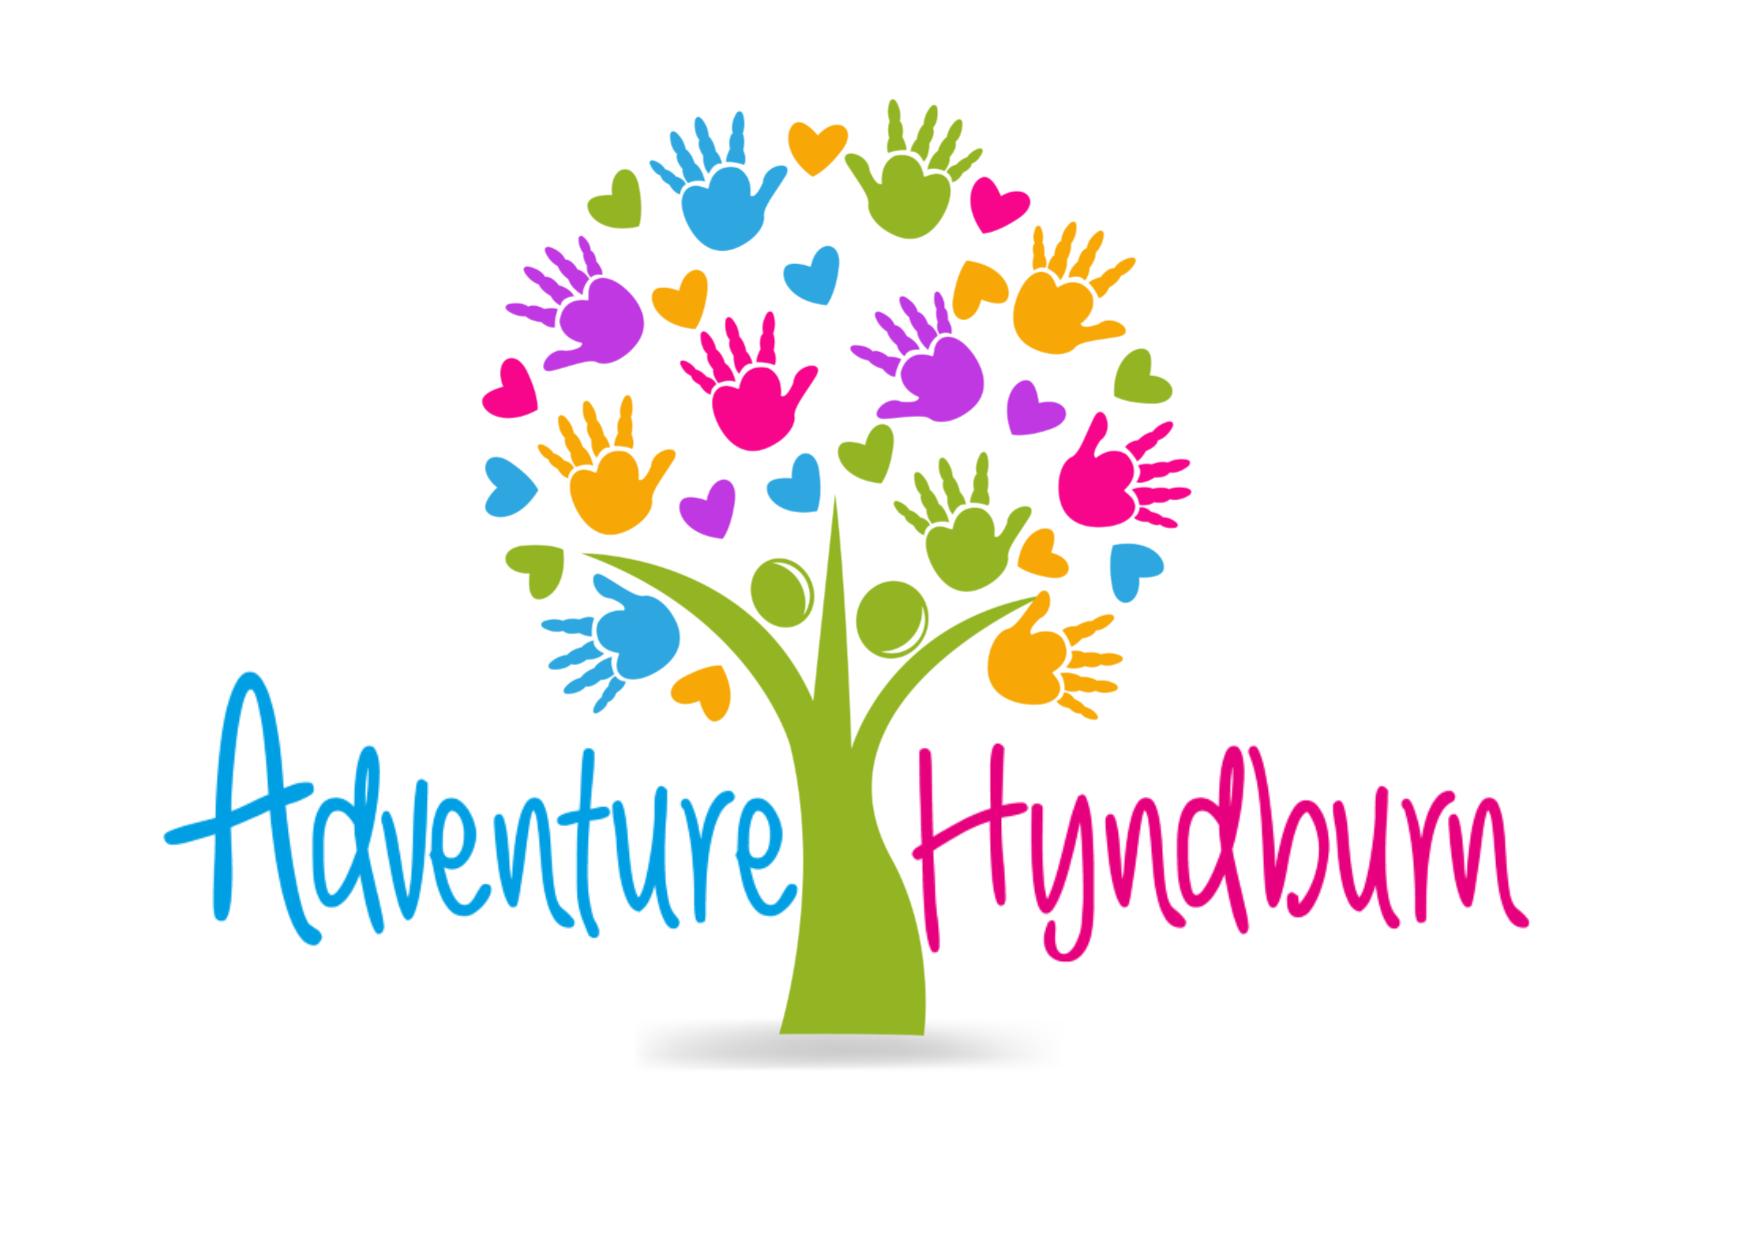 Adventure Hyndburn